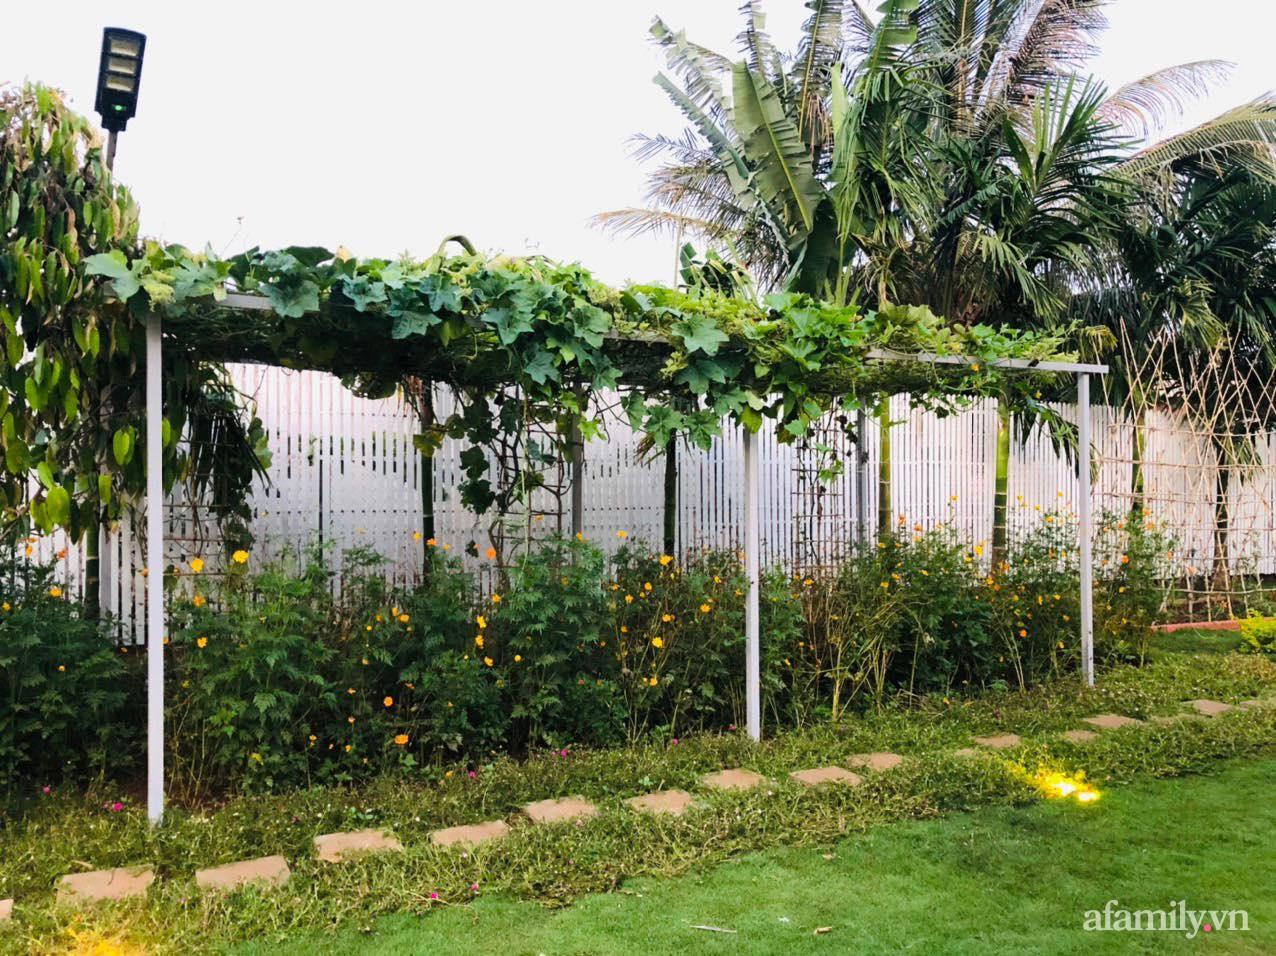 """Vì muốn sống gần thiên nhiên, 5 cô gái đã """"hùn vốn"""" biến mảnh đất trống thành khu vườn xanh mát ở Buôn Mê Thuột - Ảnh 4."""